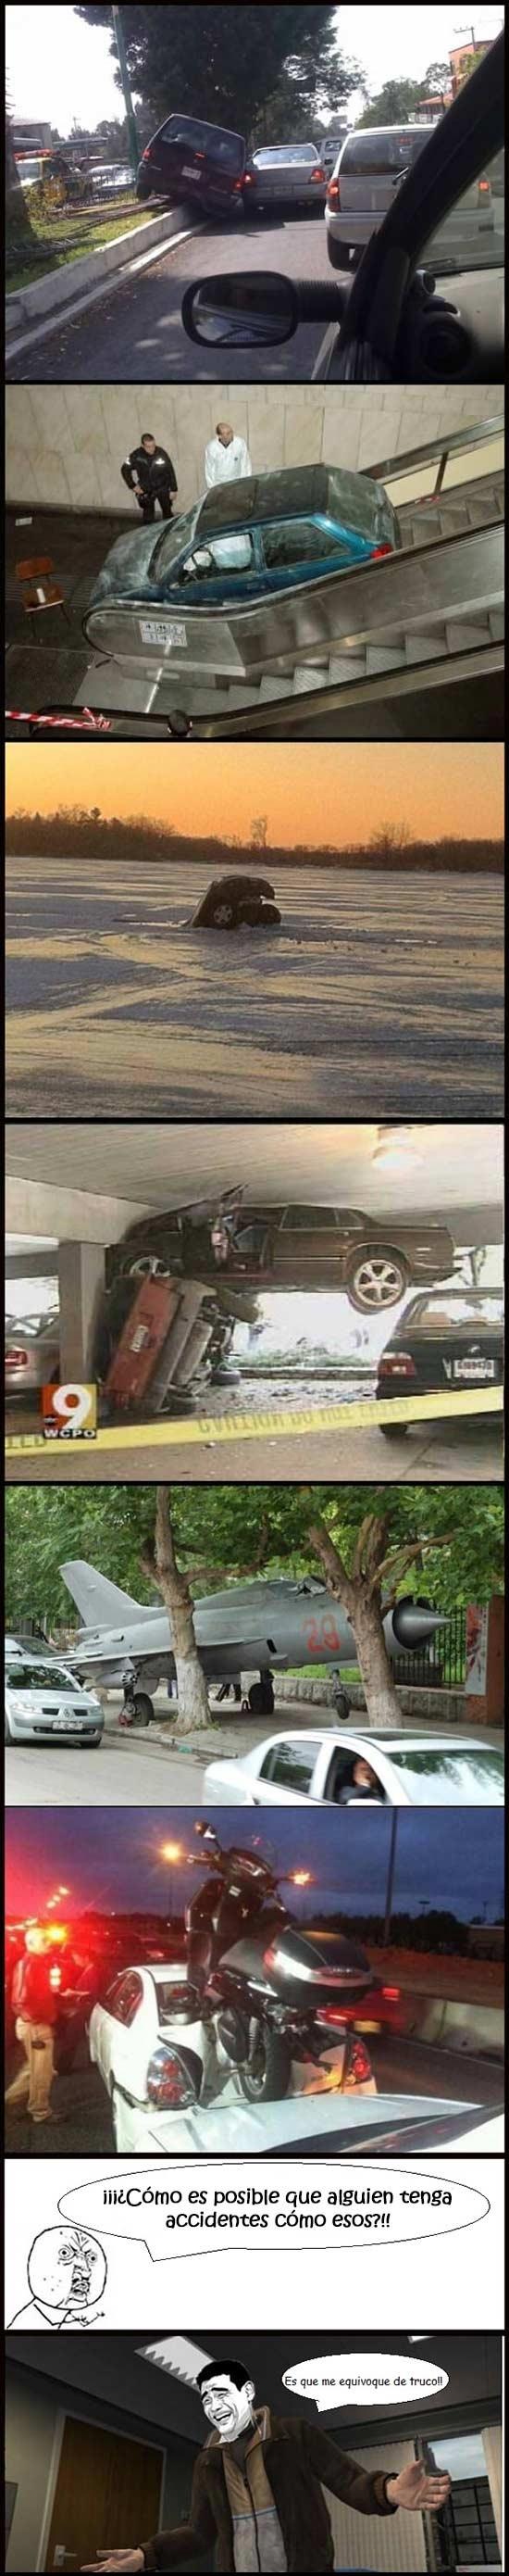 Yao - ¿Accidentes de este tipo cómo ocurren?